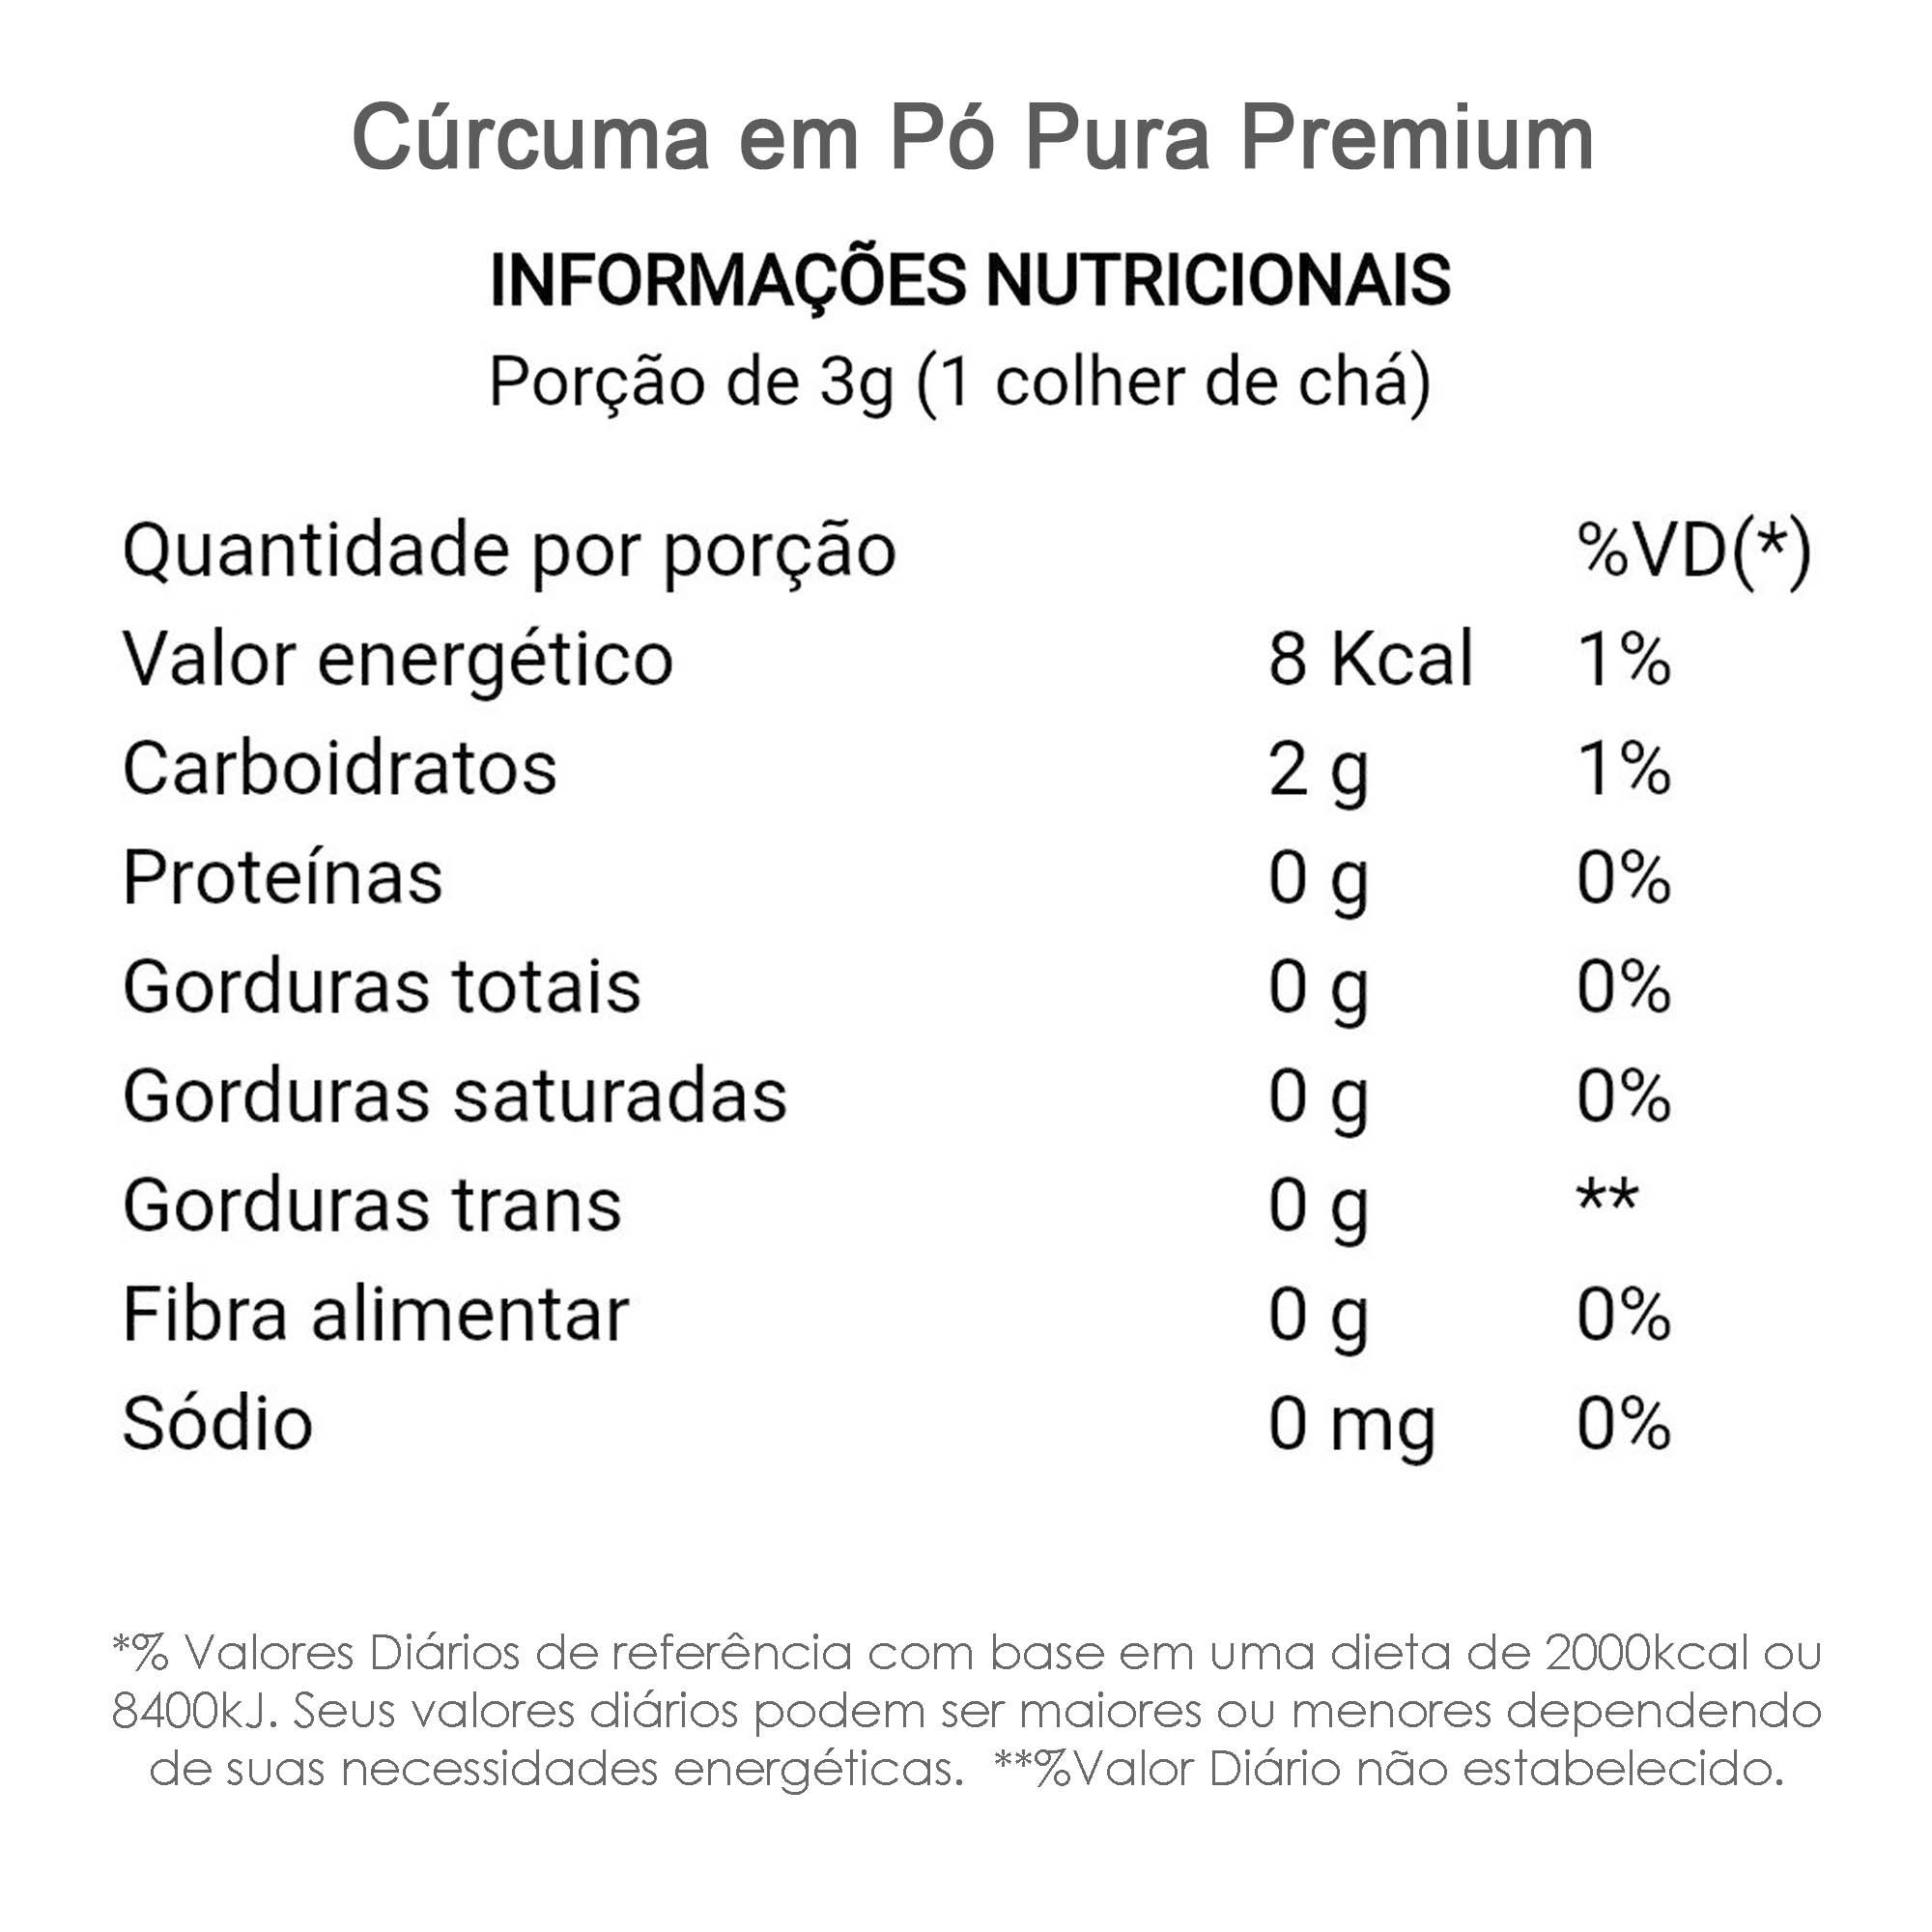 Cúrcuma em Pó Pura Premium 100g  - TLC Tudo Low Carb